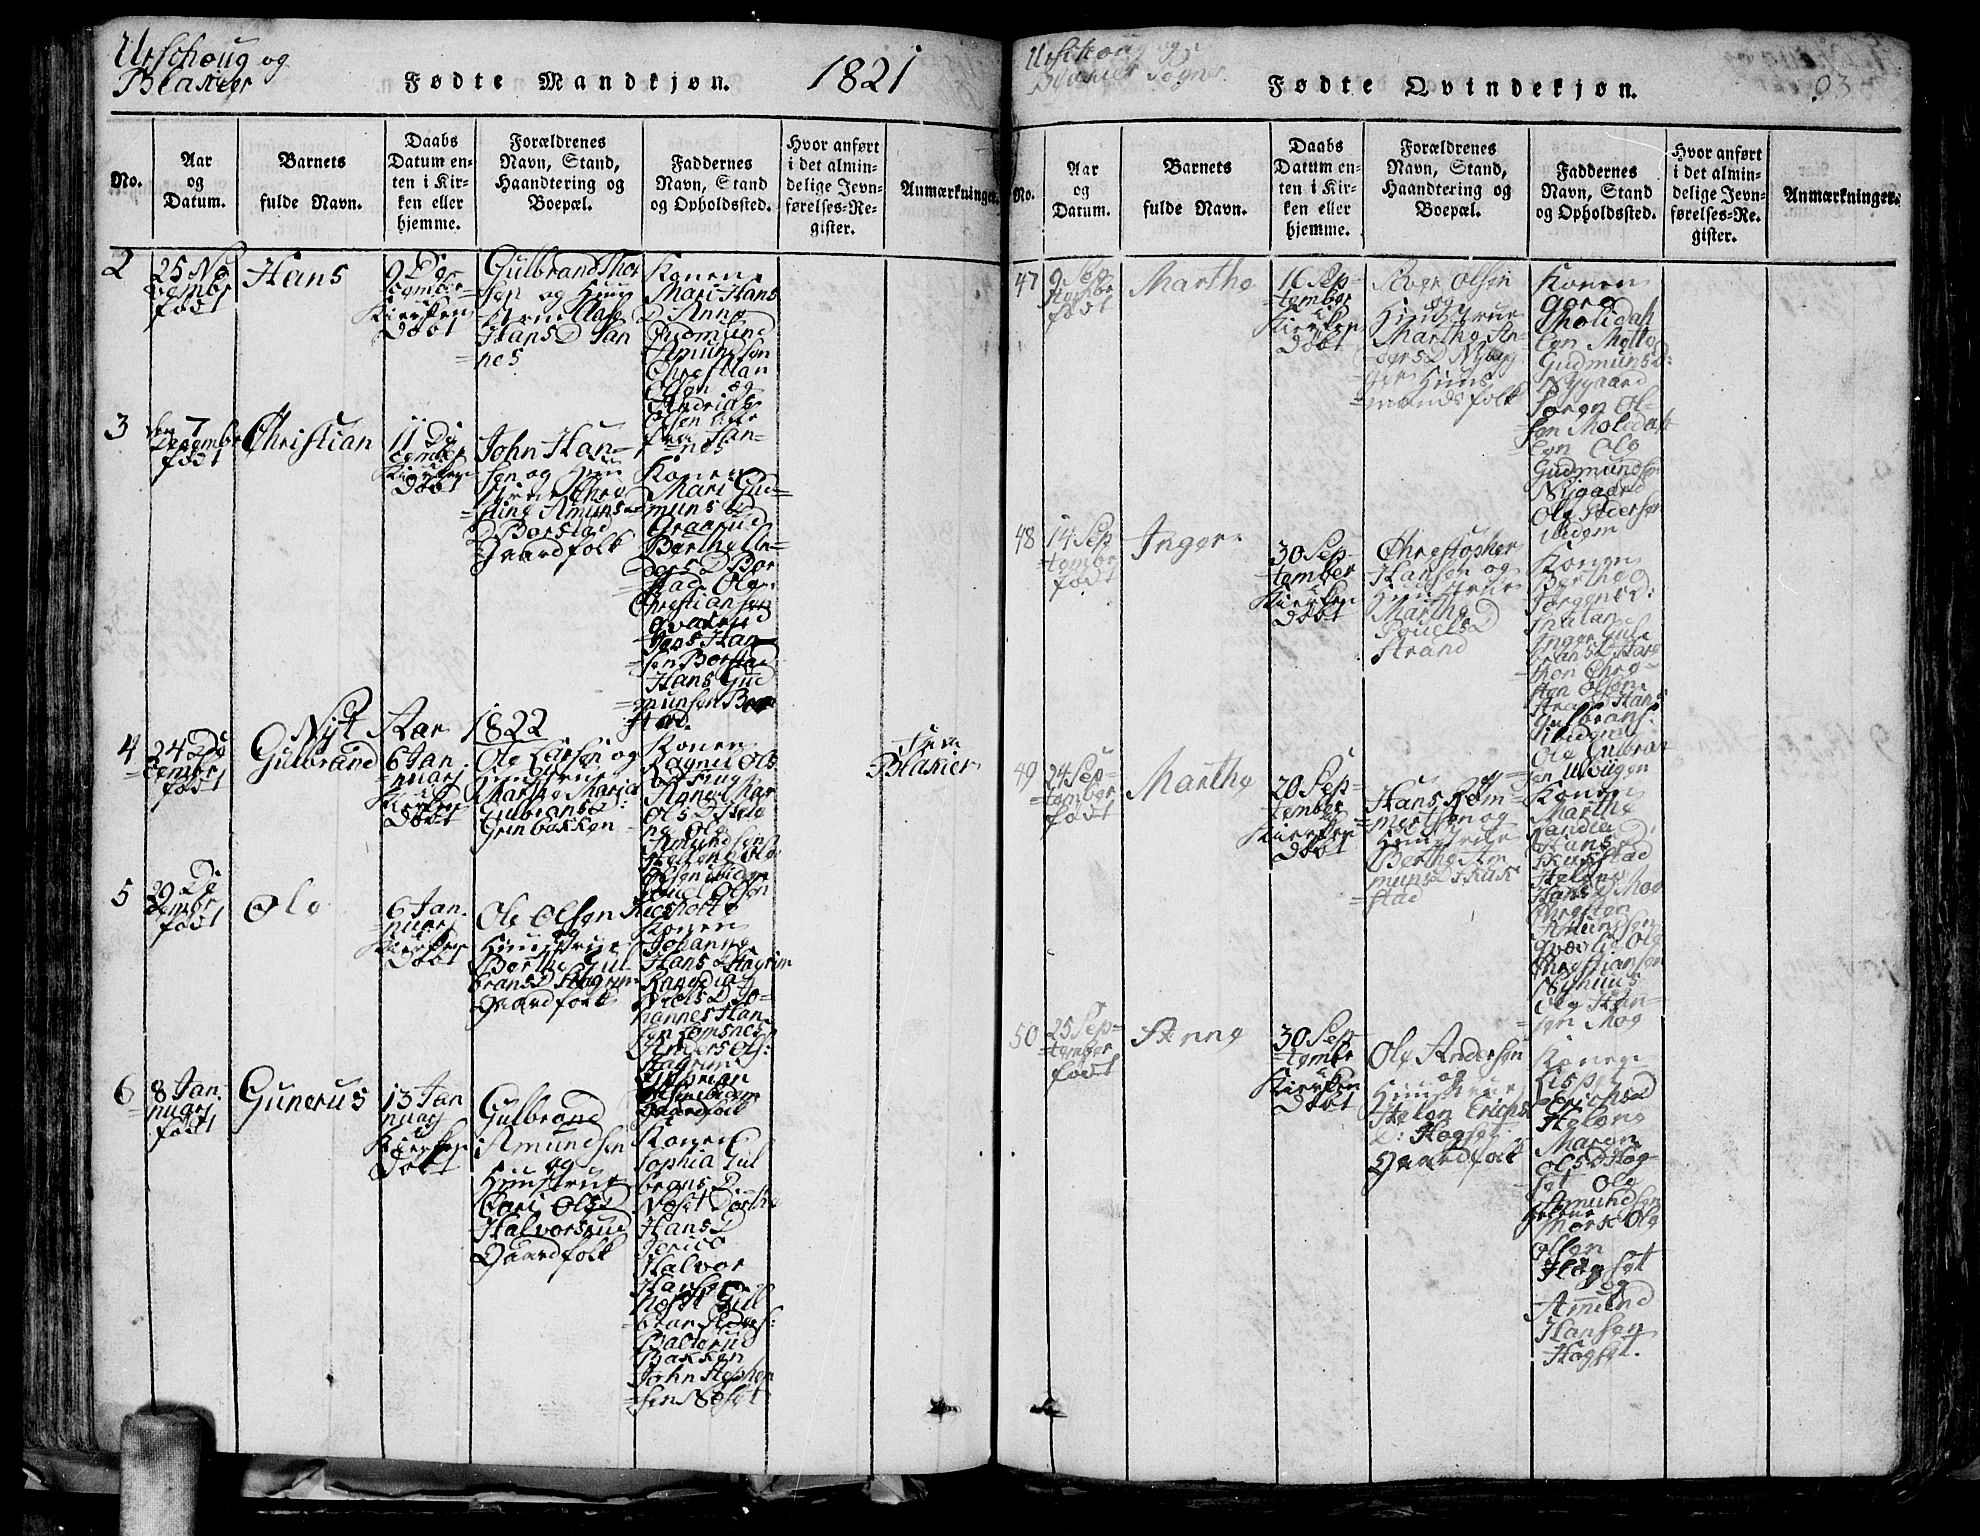 SAO, Aurskog prestekontor Kirkebøker, G/Ga/L0001: Klokkerbok nr. I 1, 1814-1829, s. 93